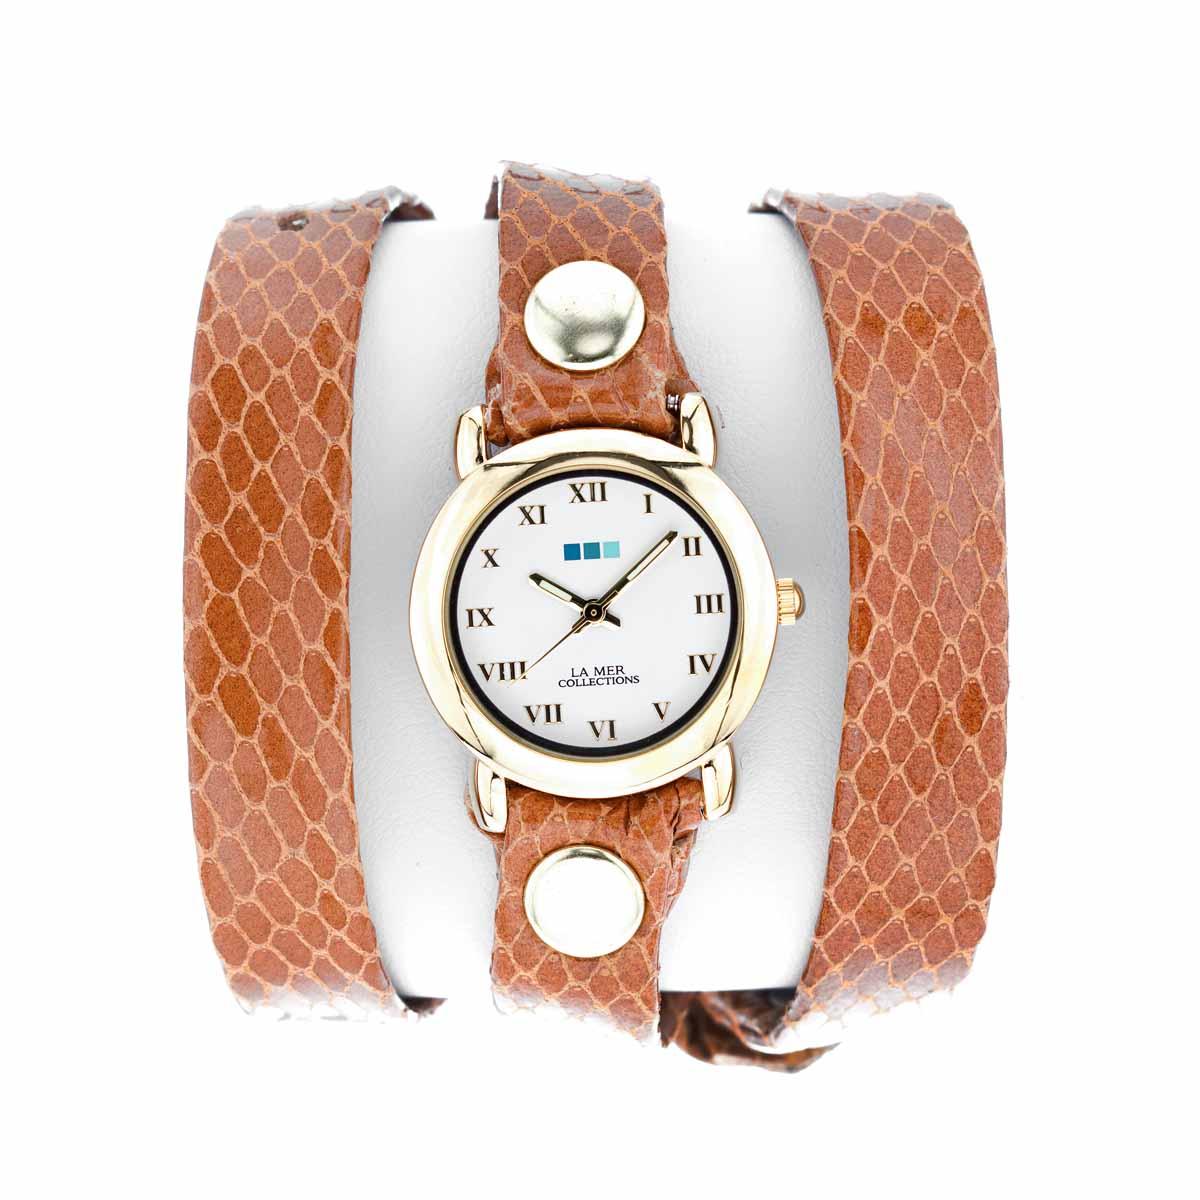 Часы женские наручные La Mer Collections Simple Caramel Snake Gold Round. LMSTW6006LMSTW6006Женские наручные часы Simple Caramel Snake Gold Round позволят вам выделиться из толпы и подчеркнуть свою индивидуальность. Часы оснащены японским кварцевым механизмом SEIKO. Ремешок выполнен из натуральной итальянской кожи с глянцевой поверхностью и оформлен декоративным тиснением, имитирующим змеиную кожу. Корпус часов изготовлен из сплава металлов золотистого цвета. Циферблат оснащен часовой, минутной и секундной стрелками и защищен минеральным стеклом. Часовая и минутная стрелки светятся в темноте. Циферблат оформлен римскими цифрами. Часы застегиваются на классическую застежку. Часы хранятся на специальной подушечке в футляре из искусственной кожи, крышка которого оформлена логотипом компании La Mer Collection. Характеристики: Механизм: кварцевый SEIKO (Япония). Размер корпуса: 22 х 22 х 8 мм. Материал корпуса: сплав металлов. Стекло: минеральное. Ремешок: Итальянская натуральная кожа. Размер ремешка: 55 х 1,3 см. ...